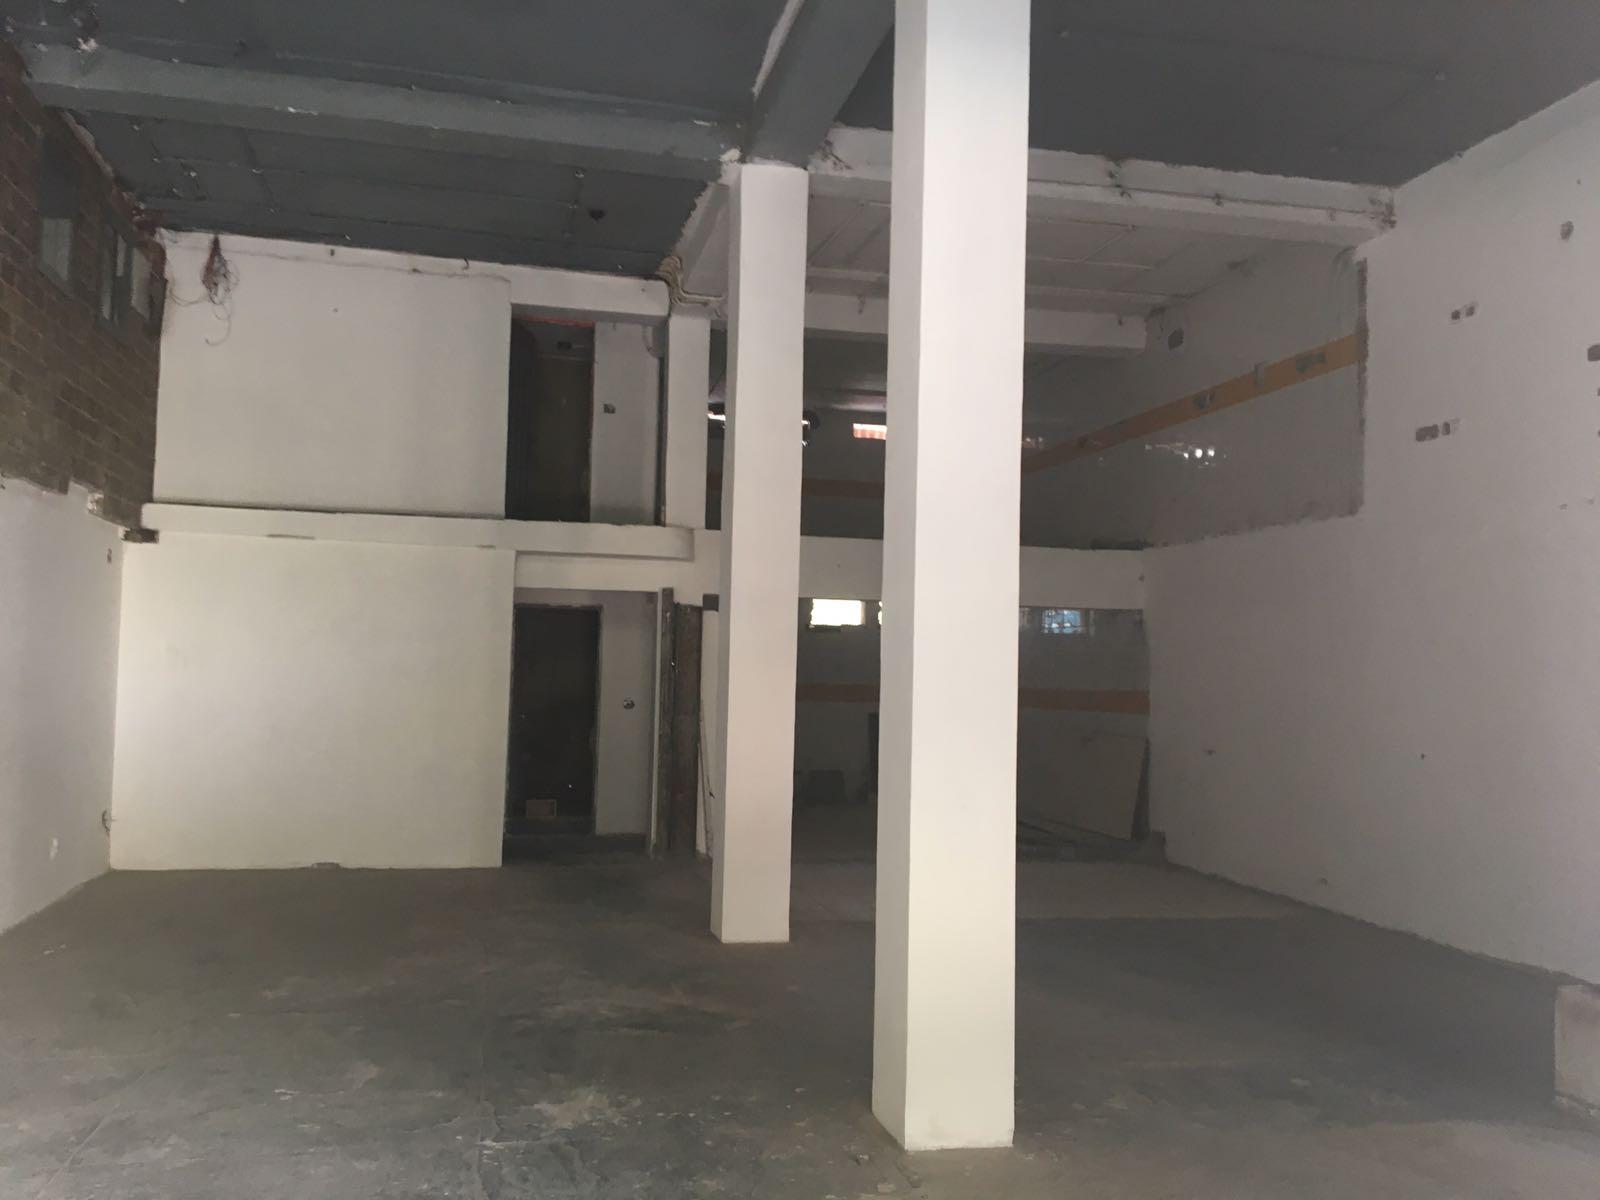 ground floor for rent @ BASANT LOK COMMUNITY CENTRE, VASANT VIHAR, NEW DELHI CALL+919958959555